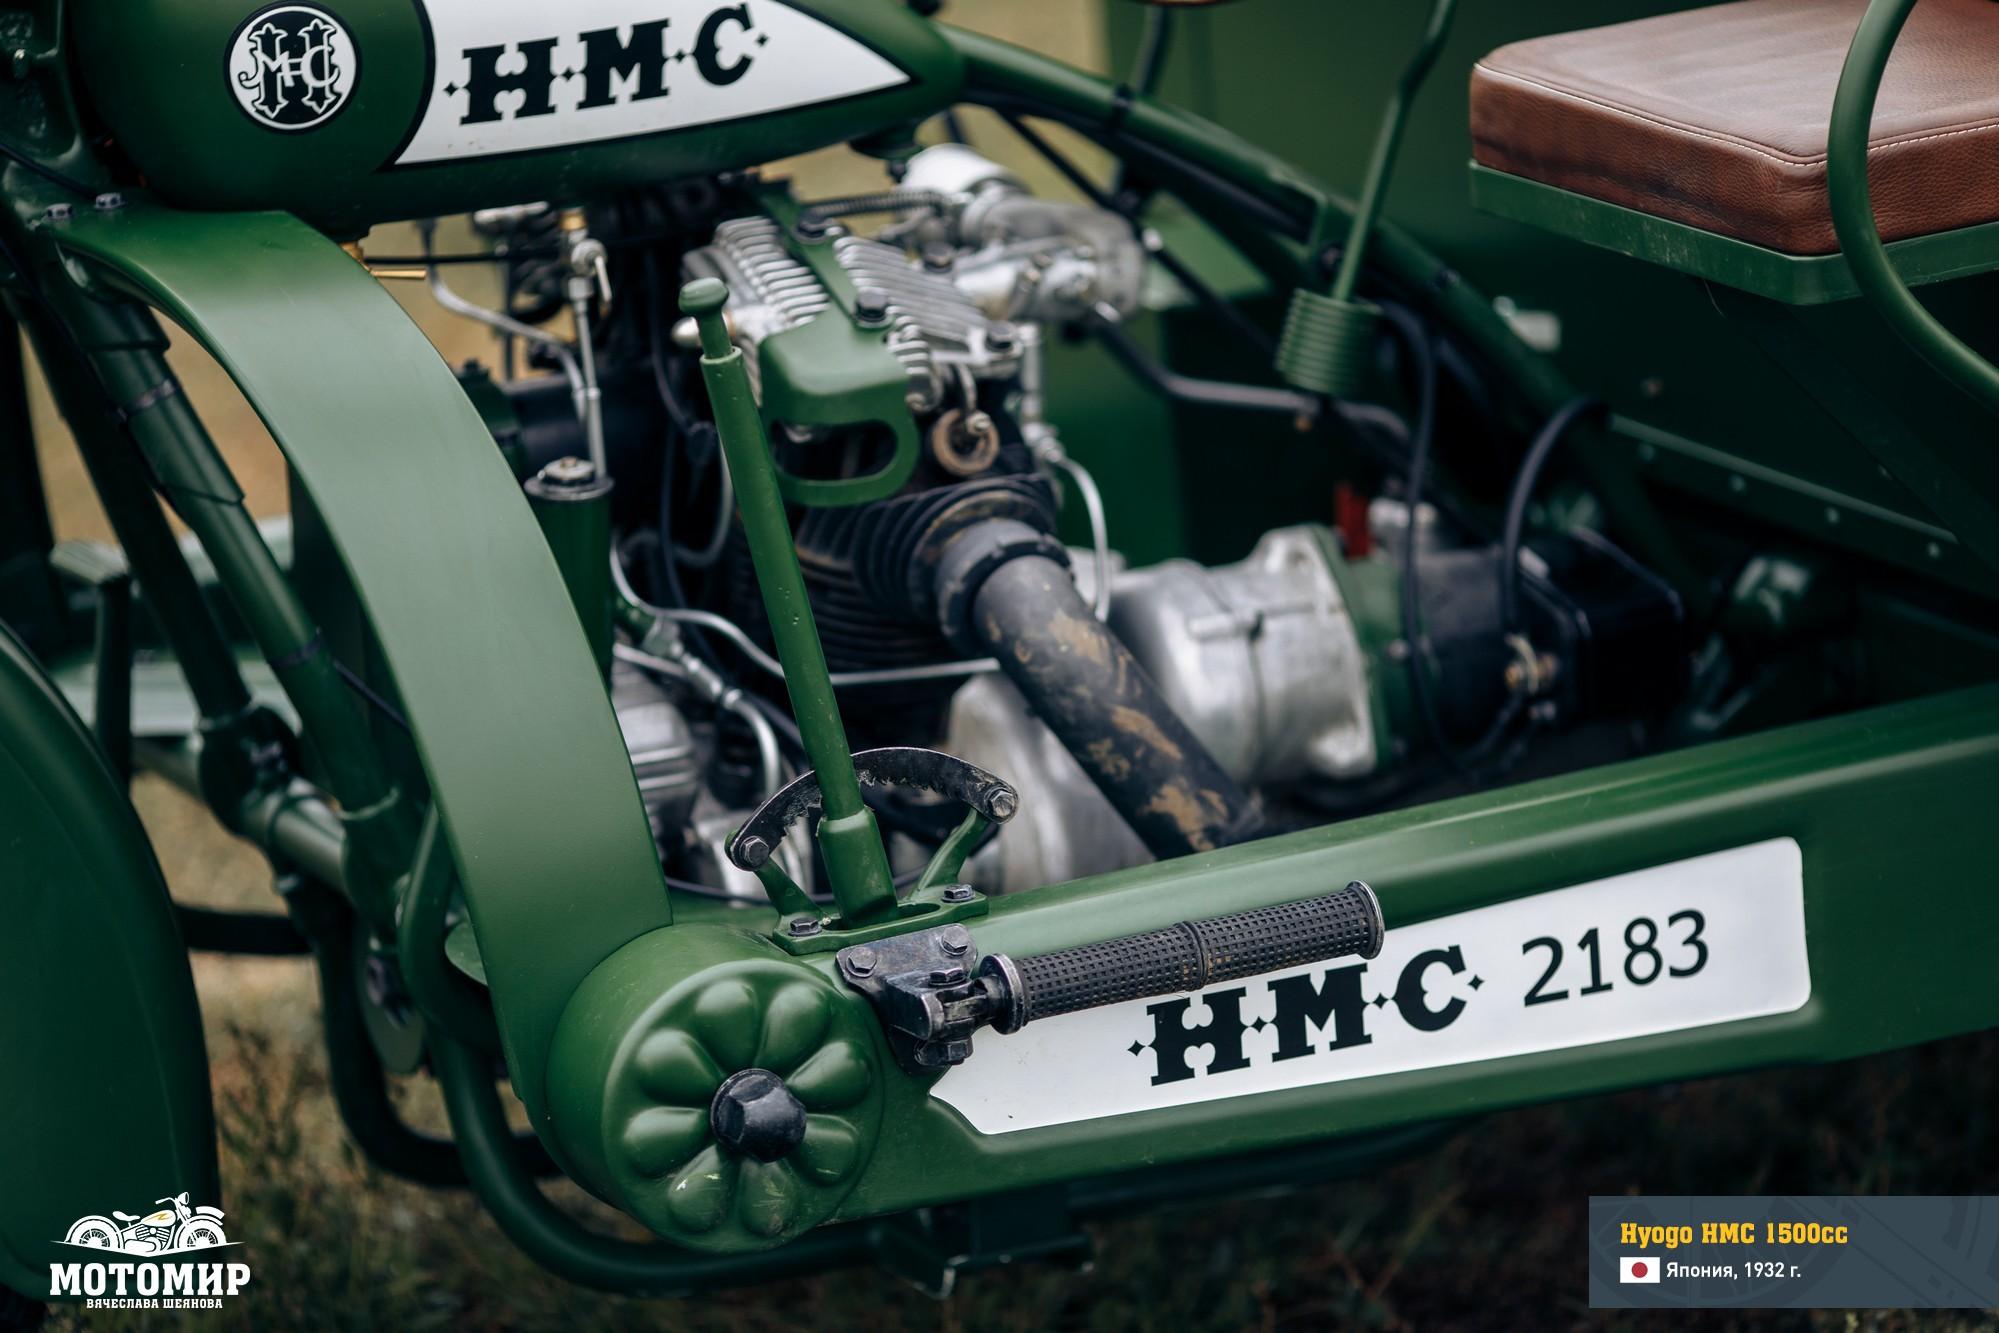 hyogo-hmc-1500-cc-web-12